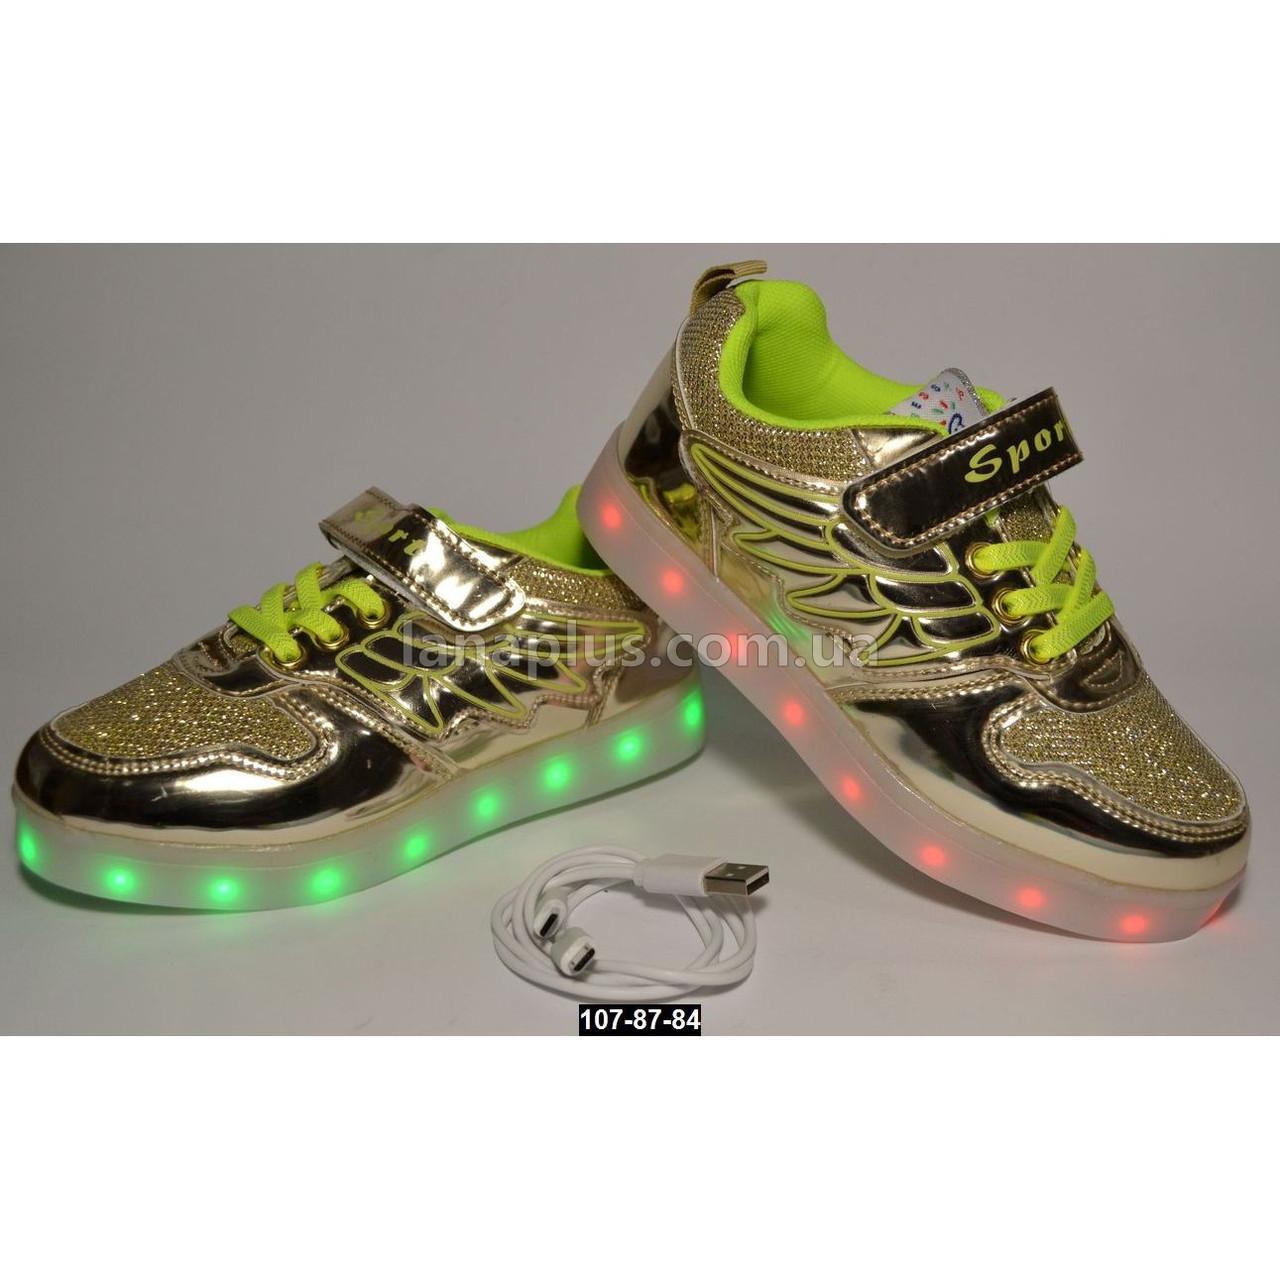 Золотые светящиеся кроссовки, USB, 28 размер (17.9 см), 11 режимов LED подсветки, супинатор